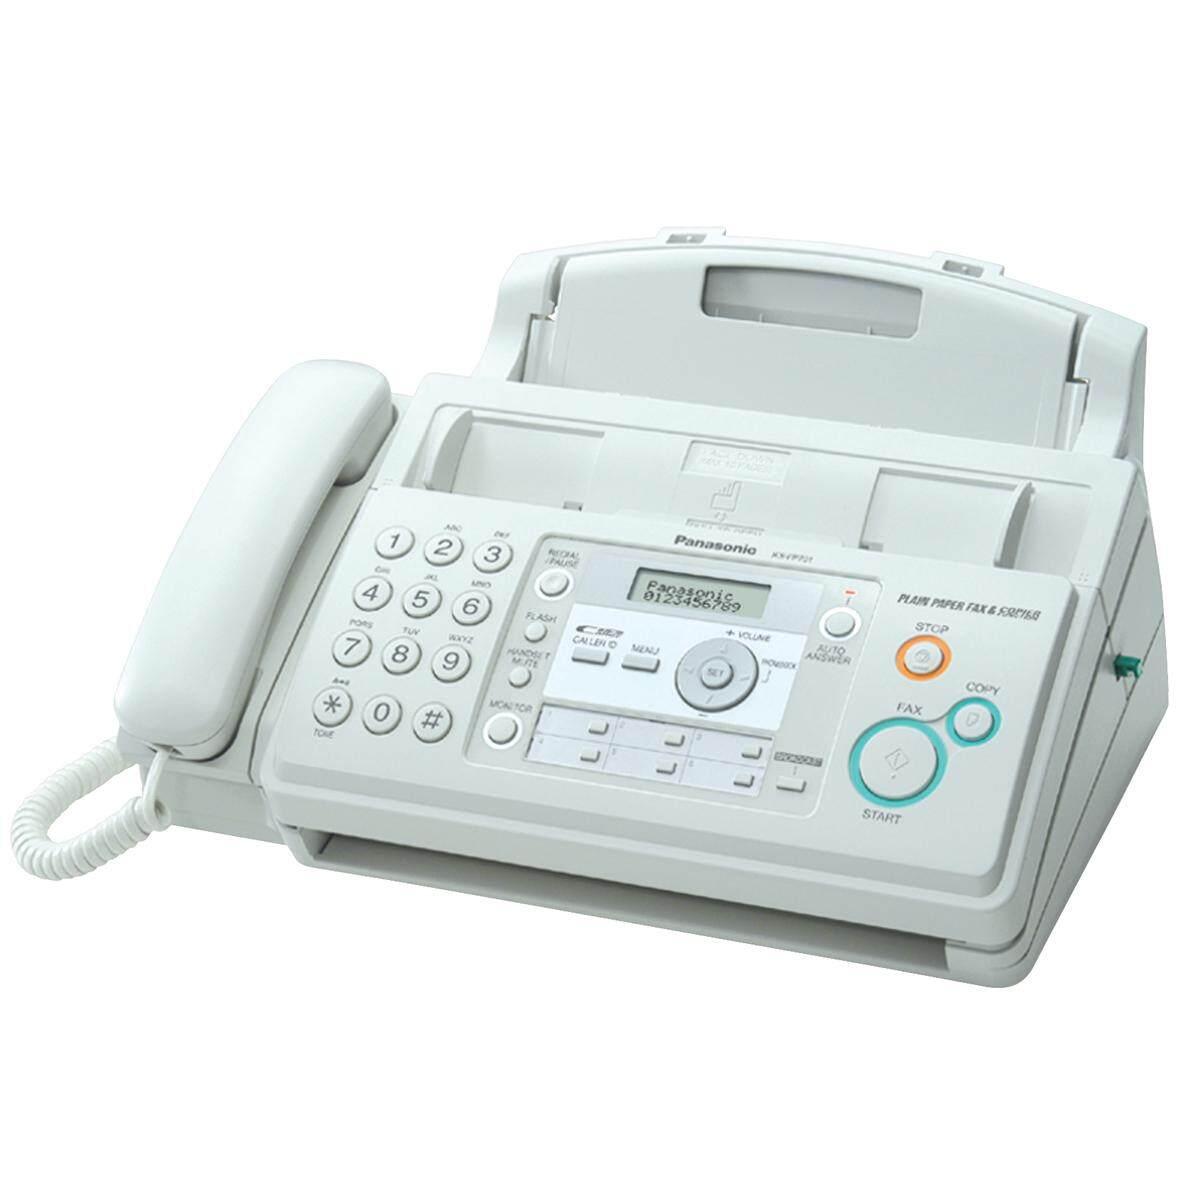 เครื่องโทรสาร กระดาษธรรมดา ระบบฟิล์ม ยี่ห้อ Panasonic รุ่น Kx-Fp701cx.